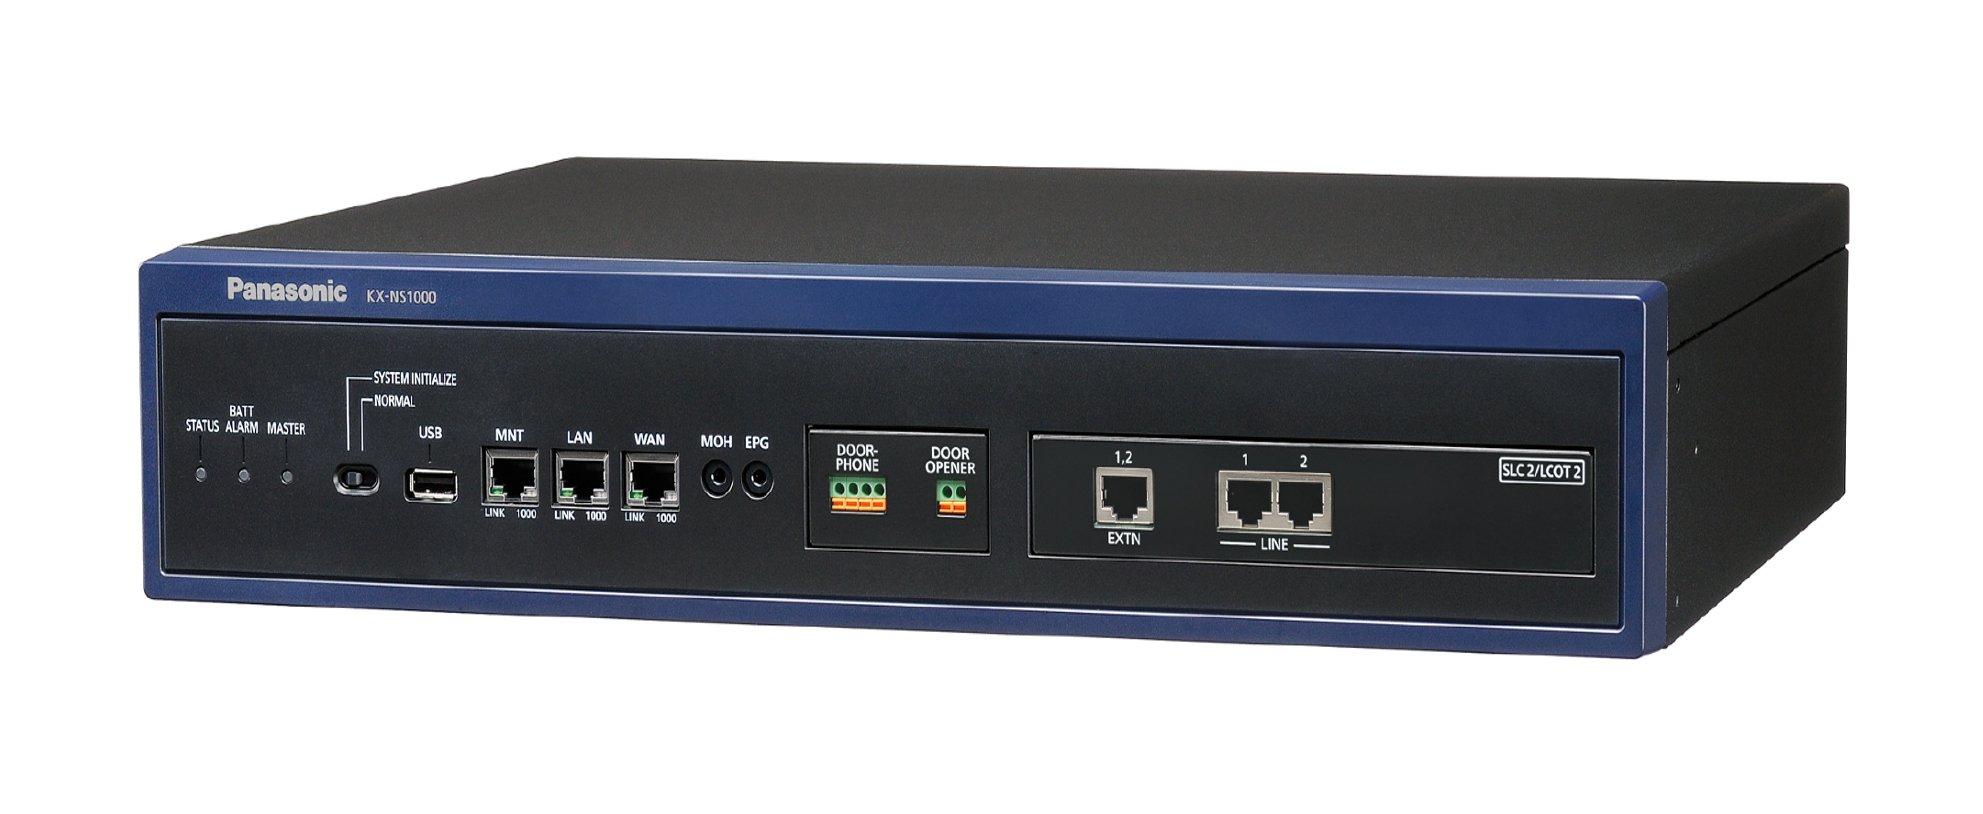 VCTEL chuyên cung cấp lắp đặt tổng đài điện thoại nội bộ Panasonic vctel